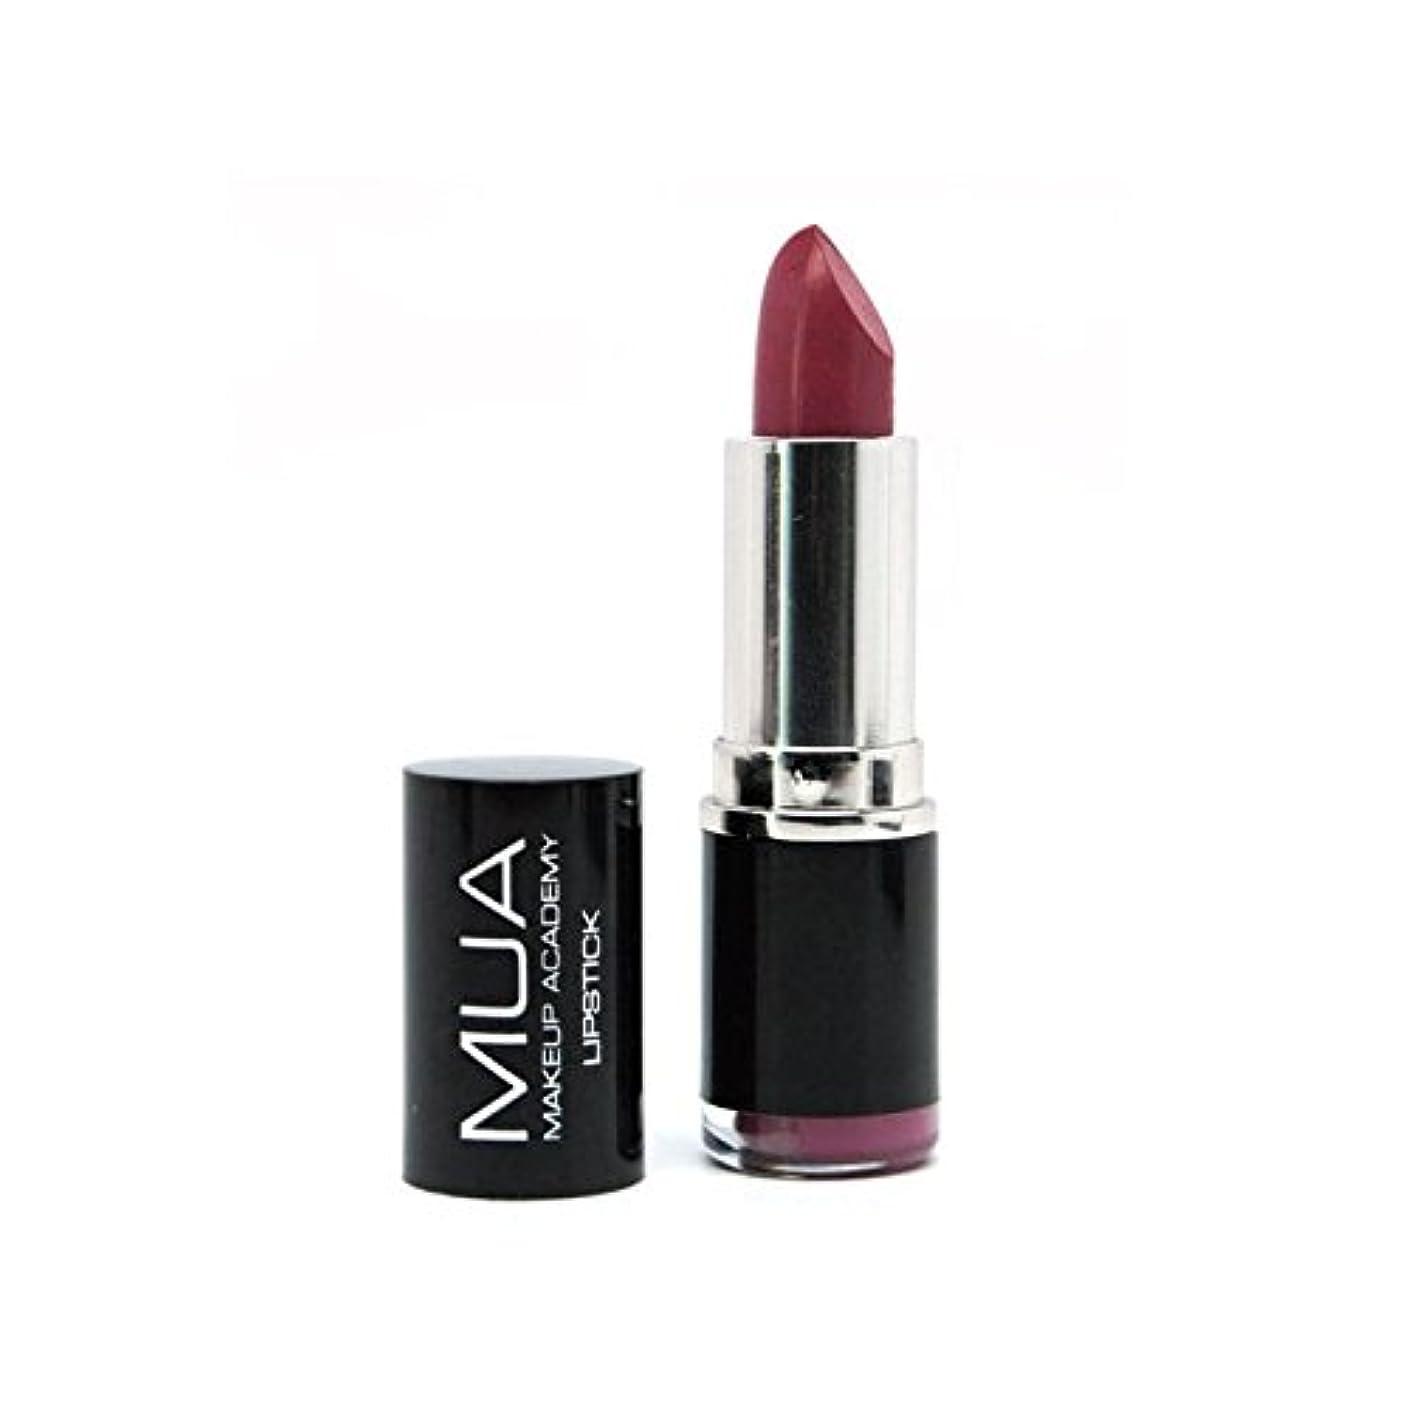 長さ拘束する胃MUA Lipstick - Shade 2 - の口紅 - 日陰2 [並行輸入品]